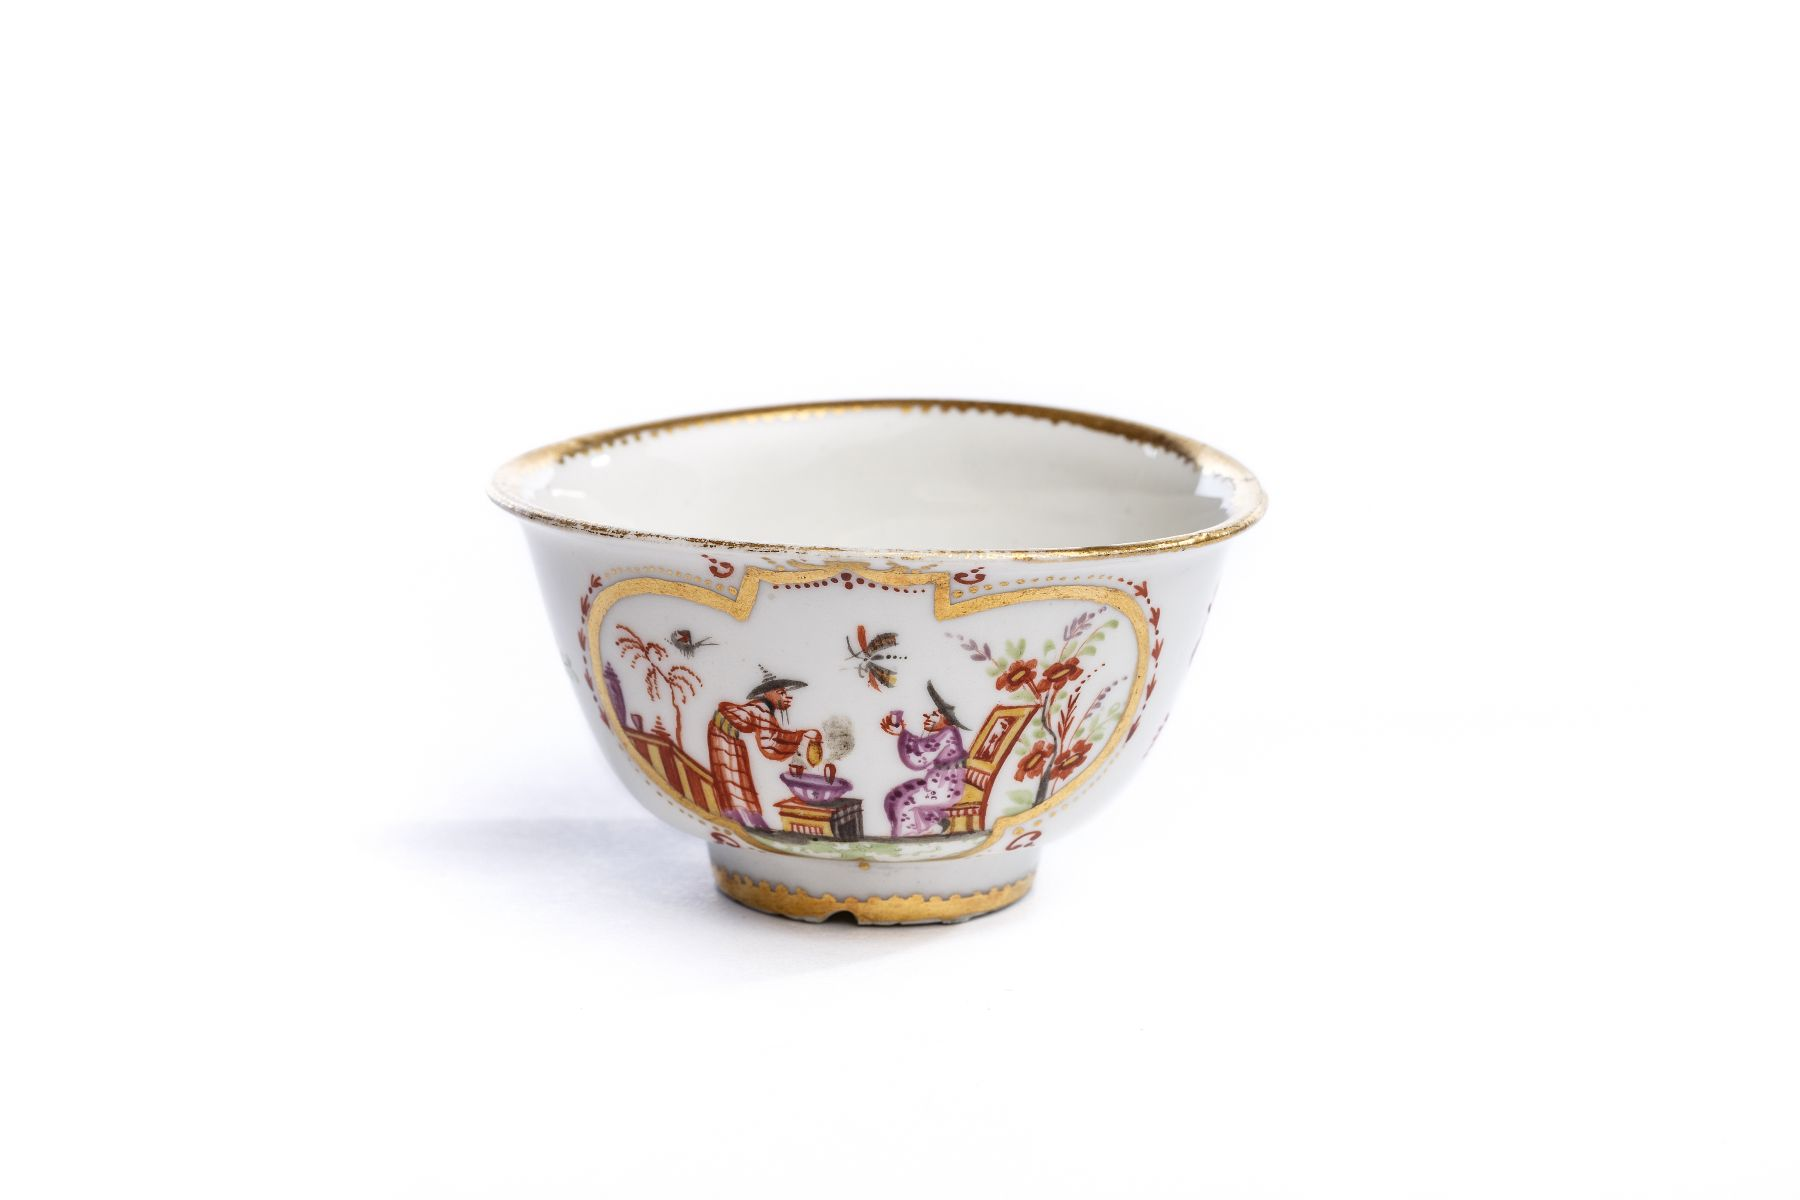 #45 Bowl without Saucer, Meissen 1720/25 | Koppchen ohne Unterschale, Meissen 1720/25 Image